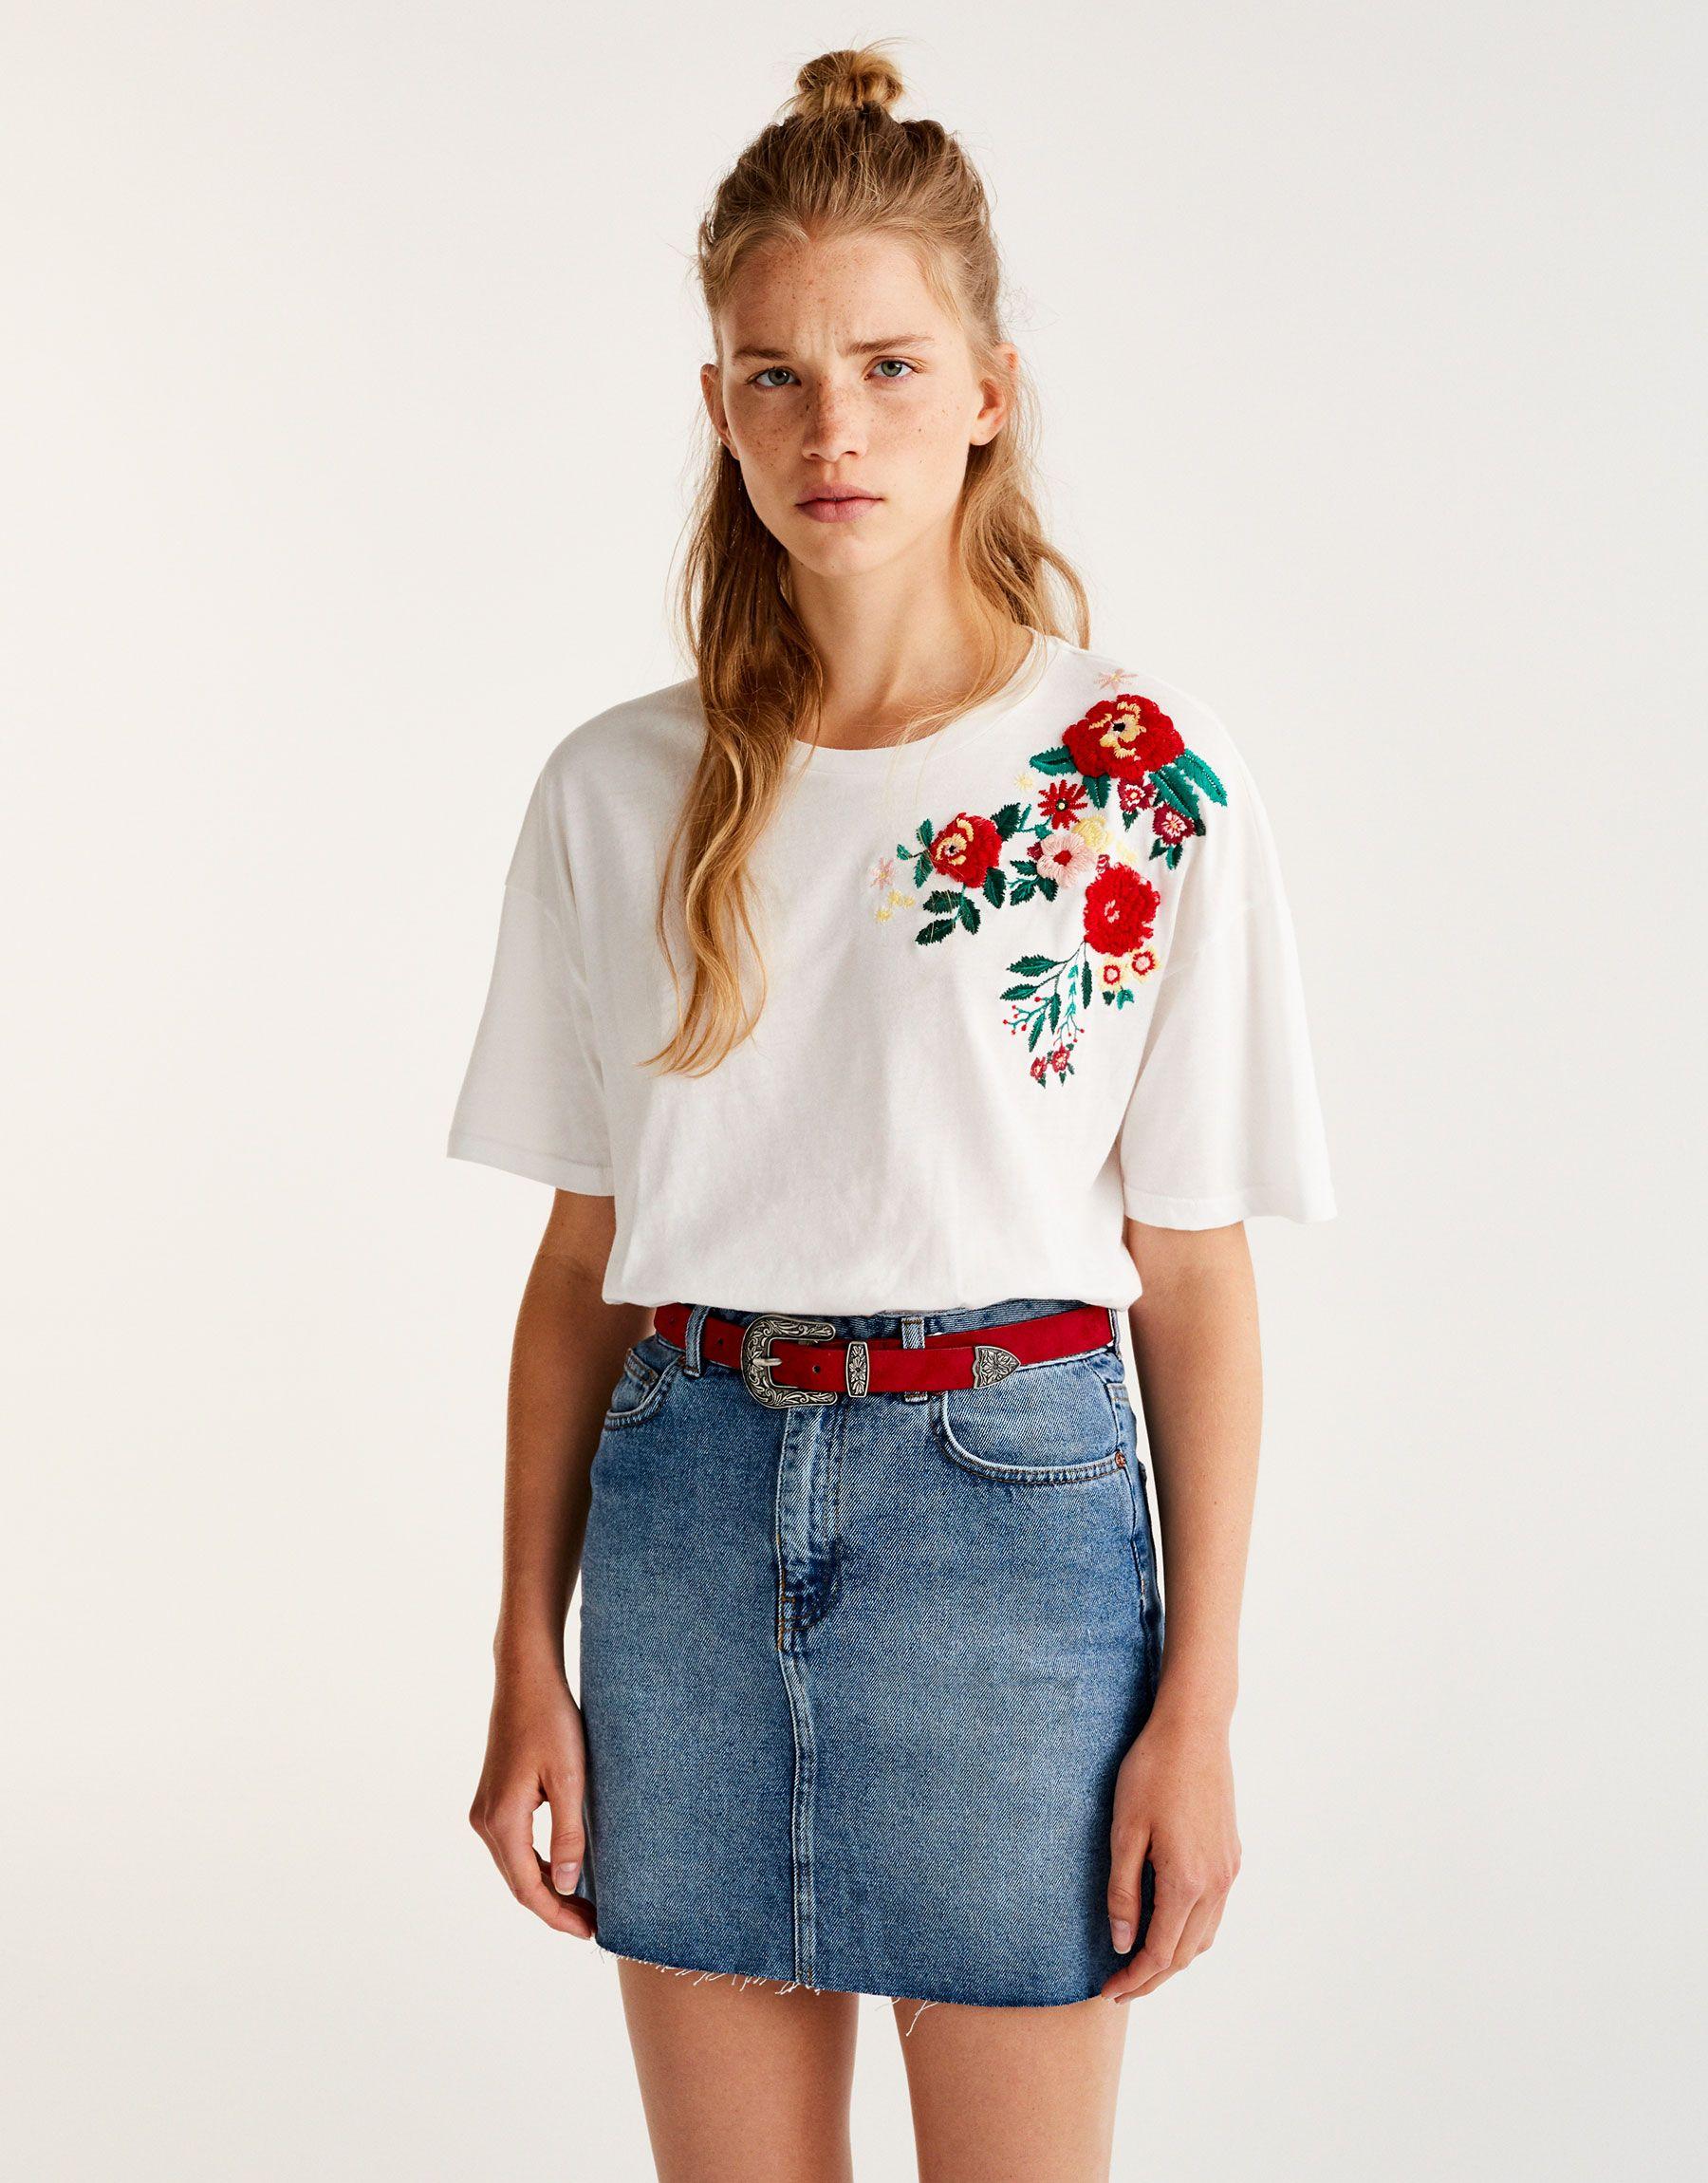 52aa4896454d6 Camiseta hombro bordado flores - Camisetas - Ropa - Mujer - PULL BEAR España